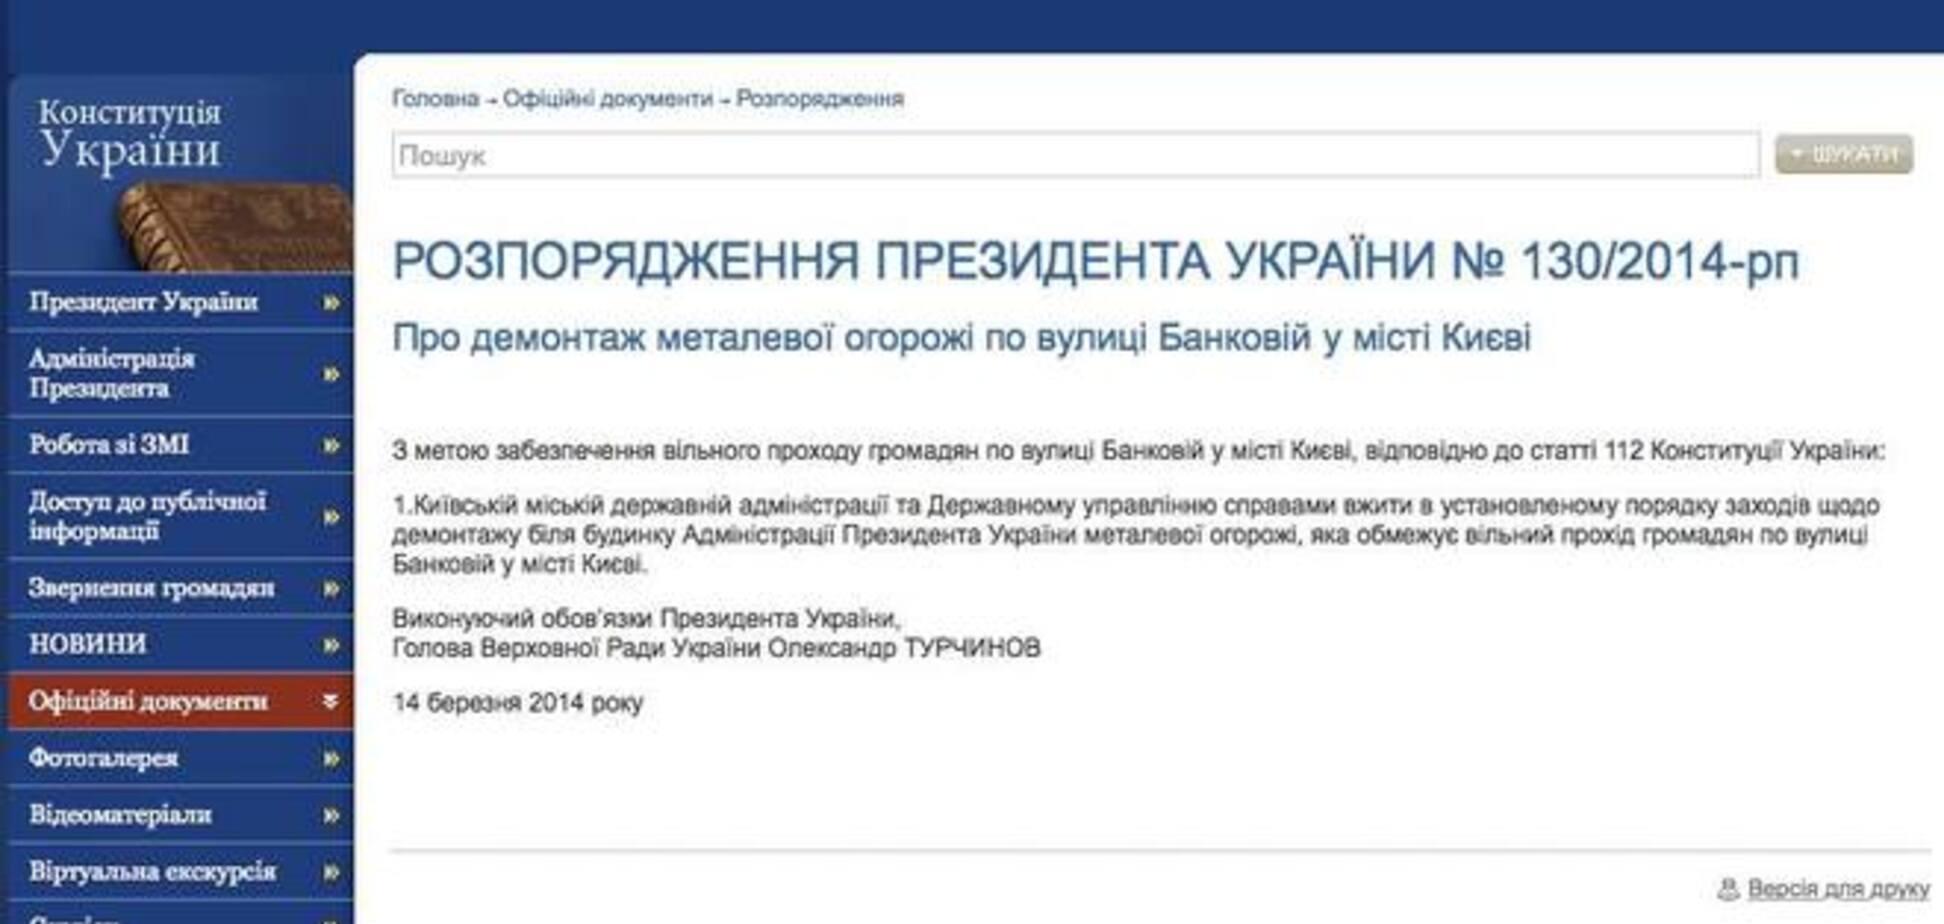 П-житы по-новому за забором Януковича